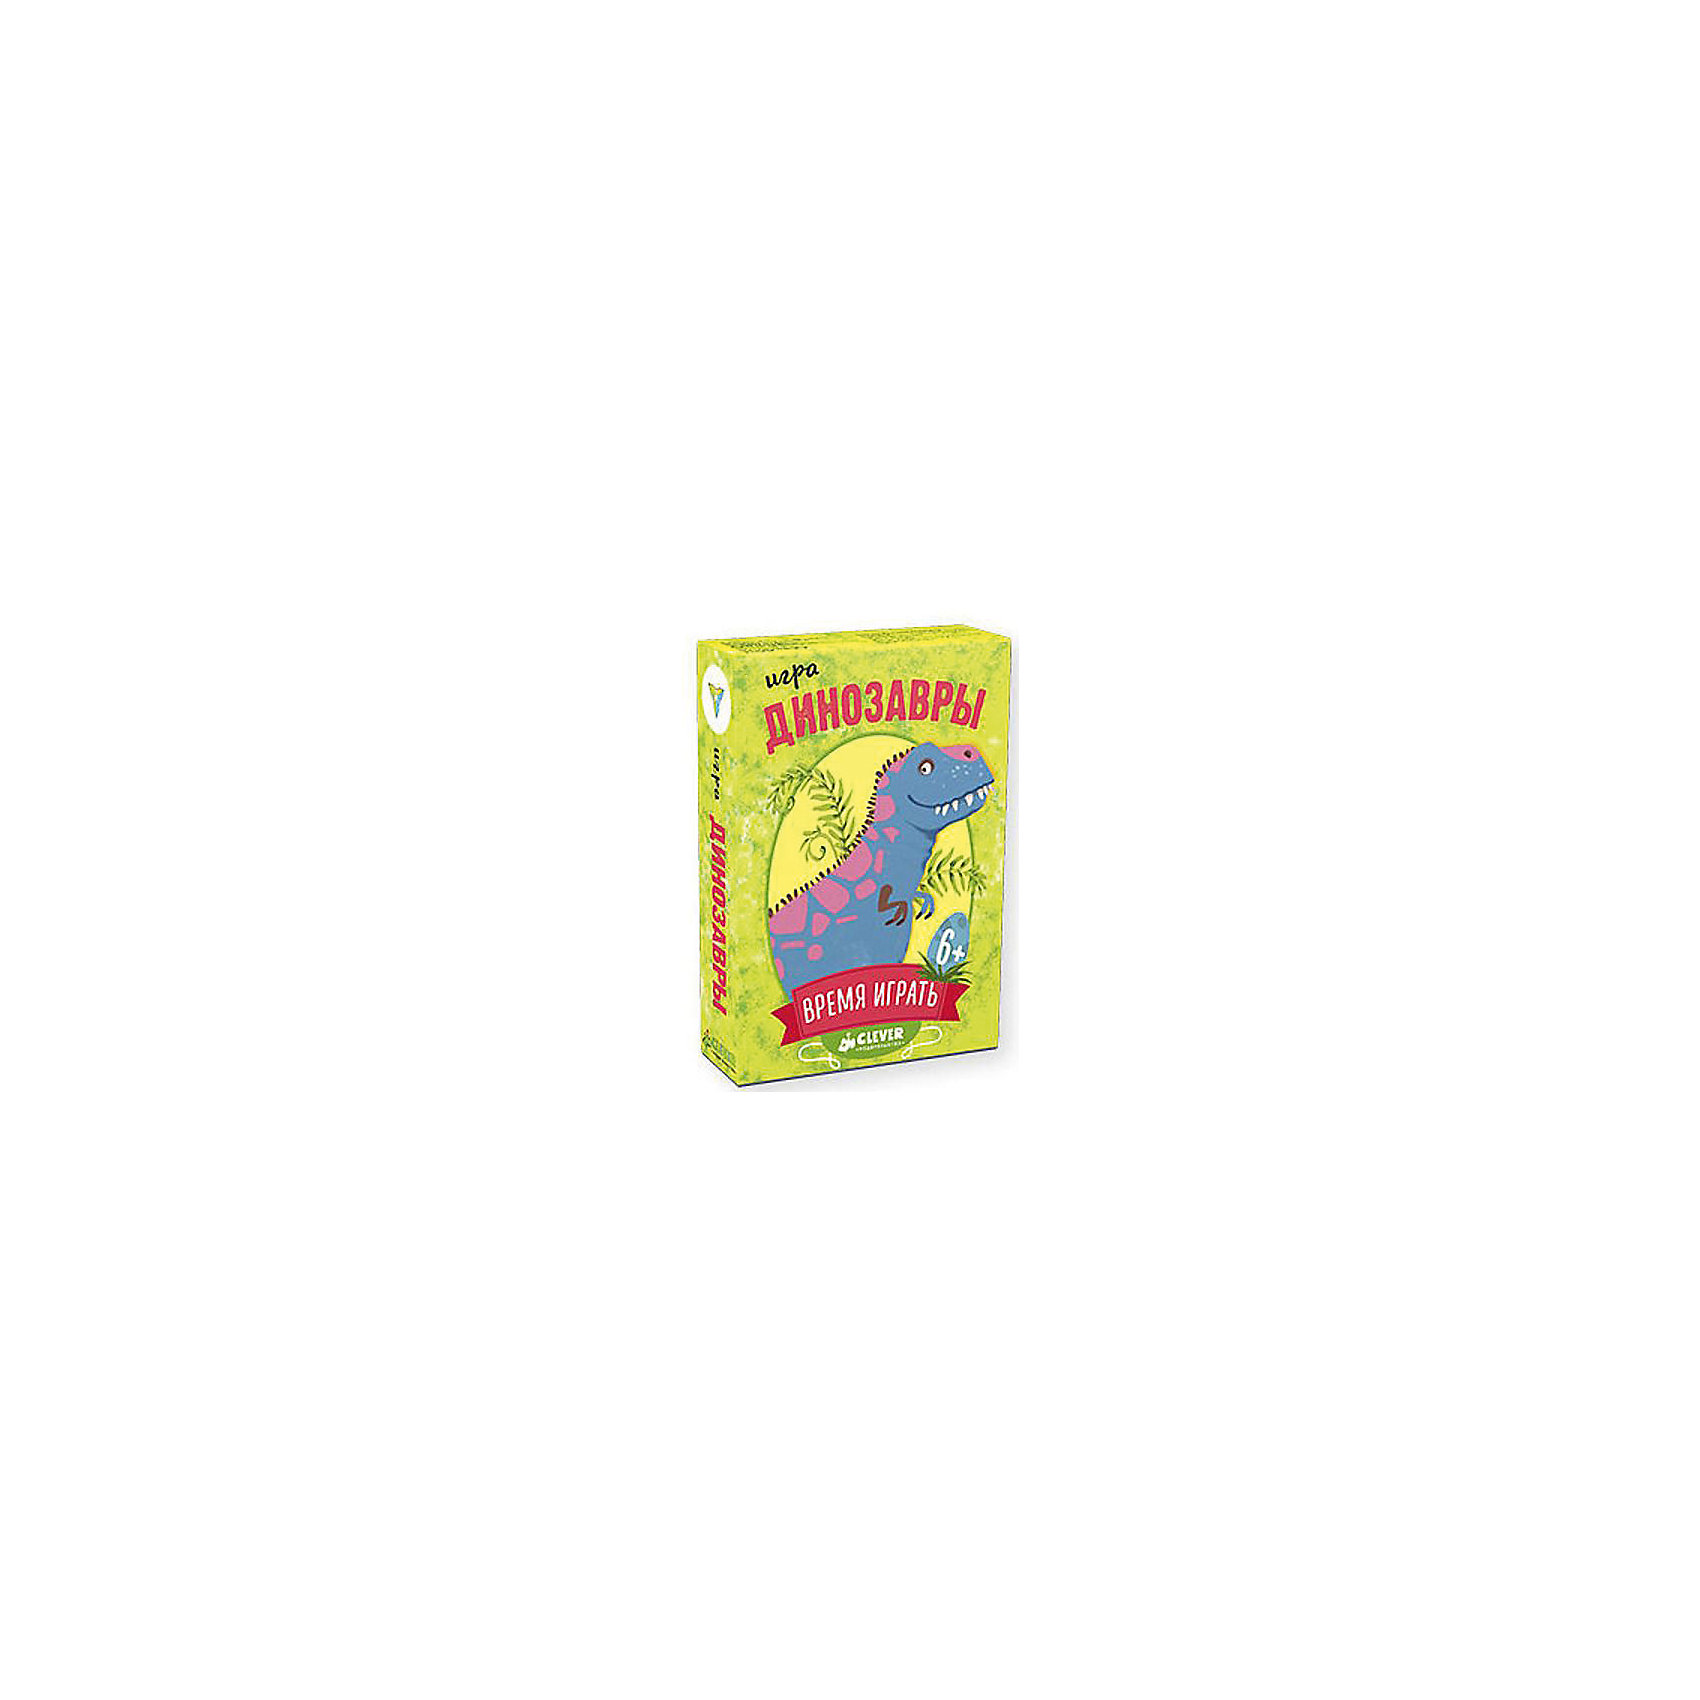 Настольная игра Clever Динозавры. Время играть!Обучение счету<br>Характеристики:<br><br>• возраст: от 6 лет<br>• комплектация: колода из 48 карточек (3 набора по 16 карт), 4 фишки, брошюра с правилами игры и классификацией динозавров<br>• в каждом наборе 6 видов динозавров<br>• время игры: 30 минут<br>• количество игроков: от 2 до 4 человек<br>• материал: картон, пластик<br>• упаковка: картонная коробка<br>• размер упаковки: 12,5х8,5х2 см.<br>• вес: 200 гр.<br><br>Игра «Динозавры. Время играть!» увлечет как детей, так и взрослых.<br>Цель игры: собрать из двух, трех или четырех карточек изображение динозавров и набрать максимальное количество очков.<br><br>В начале игры каждому игрок получает 4 карточки и фишку. Оставшаяся колода кладется на стол рубашками вверх. Игроки постепенно выкладывают свои карточки с частями разных динозавров на стол. Если на столе уже есть динозавр, к которому подходит карточка, то карточка кладется к нему, если нет, то карточка кладется отдельно. <br><br>Свою фишку игроку нужно поставить на динозавра, которого он решил собирать. Тот игрок, чья карта завершит портрет динозавра, получит очки. После каждого сделанного хода игроки берут карточку из колоды (на руках всегда должно быть 4 карты). Игра продолжается пока у каждого из игроков не останется по 3 карты. Выигрывает тот, кто набрал больше очков..<br><br>Игру Динозавры. Время играть!, Clever (Клевер) можно купить в нашем интернет-магазине.<br><br>Ширина мм: 125<br>Глубина мм: 85<br>Высота мм: 20<br>Вес г: 200<br>Возраст от месяцев: 72<br>Возраст до месяцев: 2147483647<br>Пол: Унисекс<br>Возраст: Детский<br>SKU: 6680875